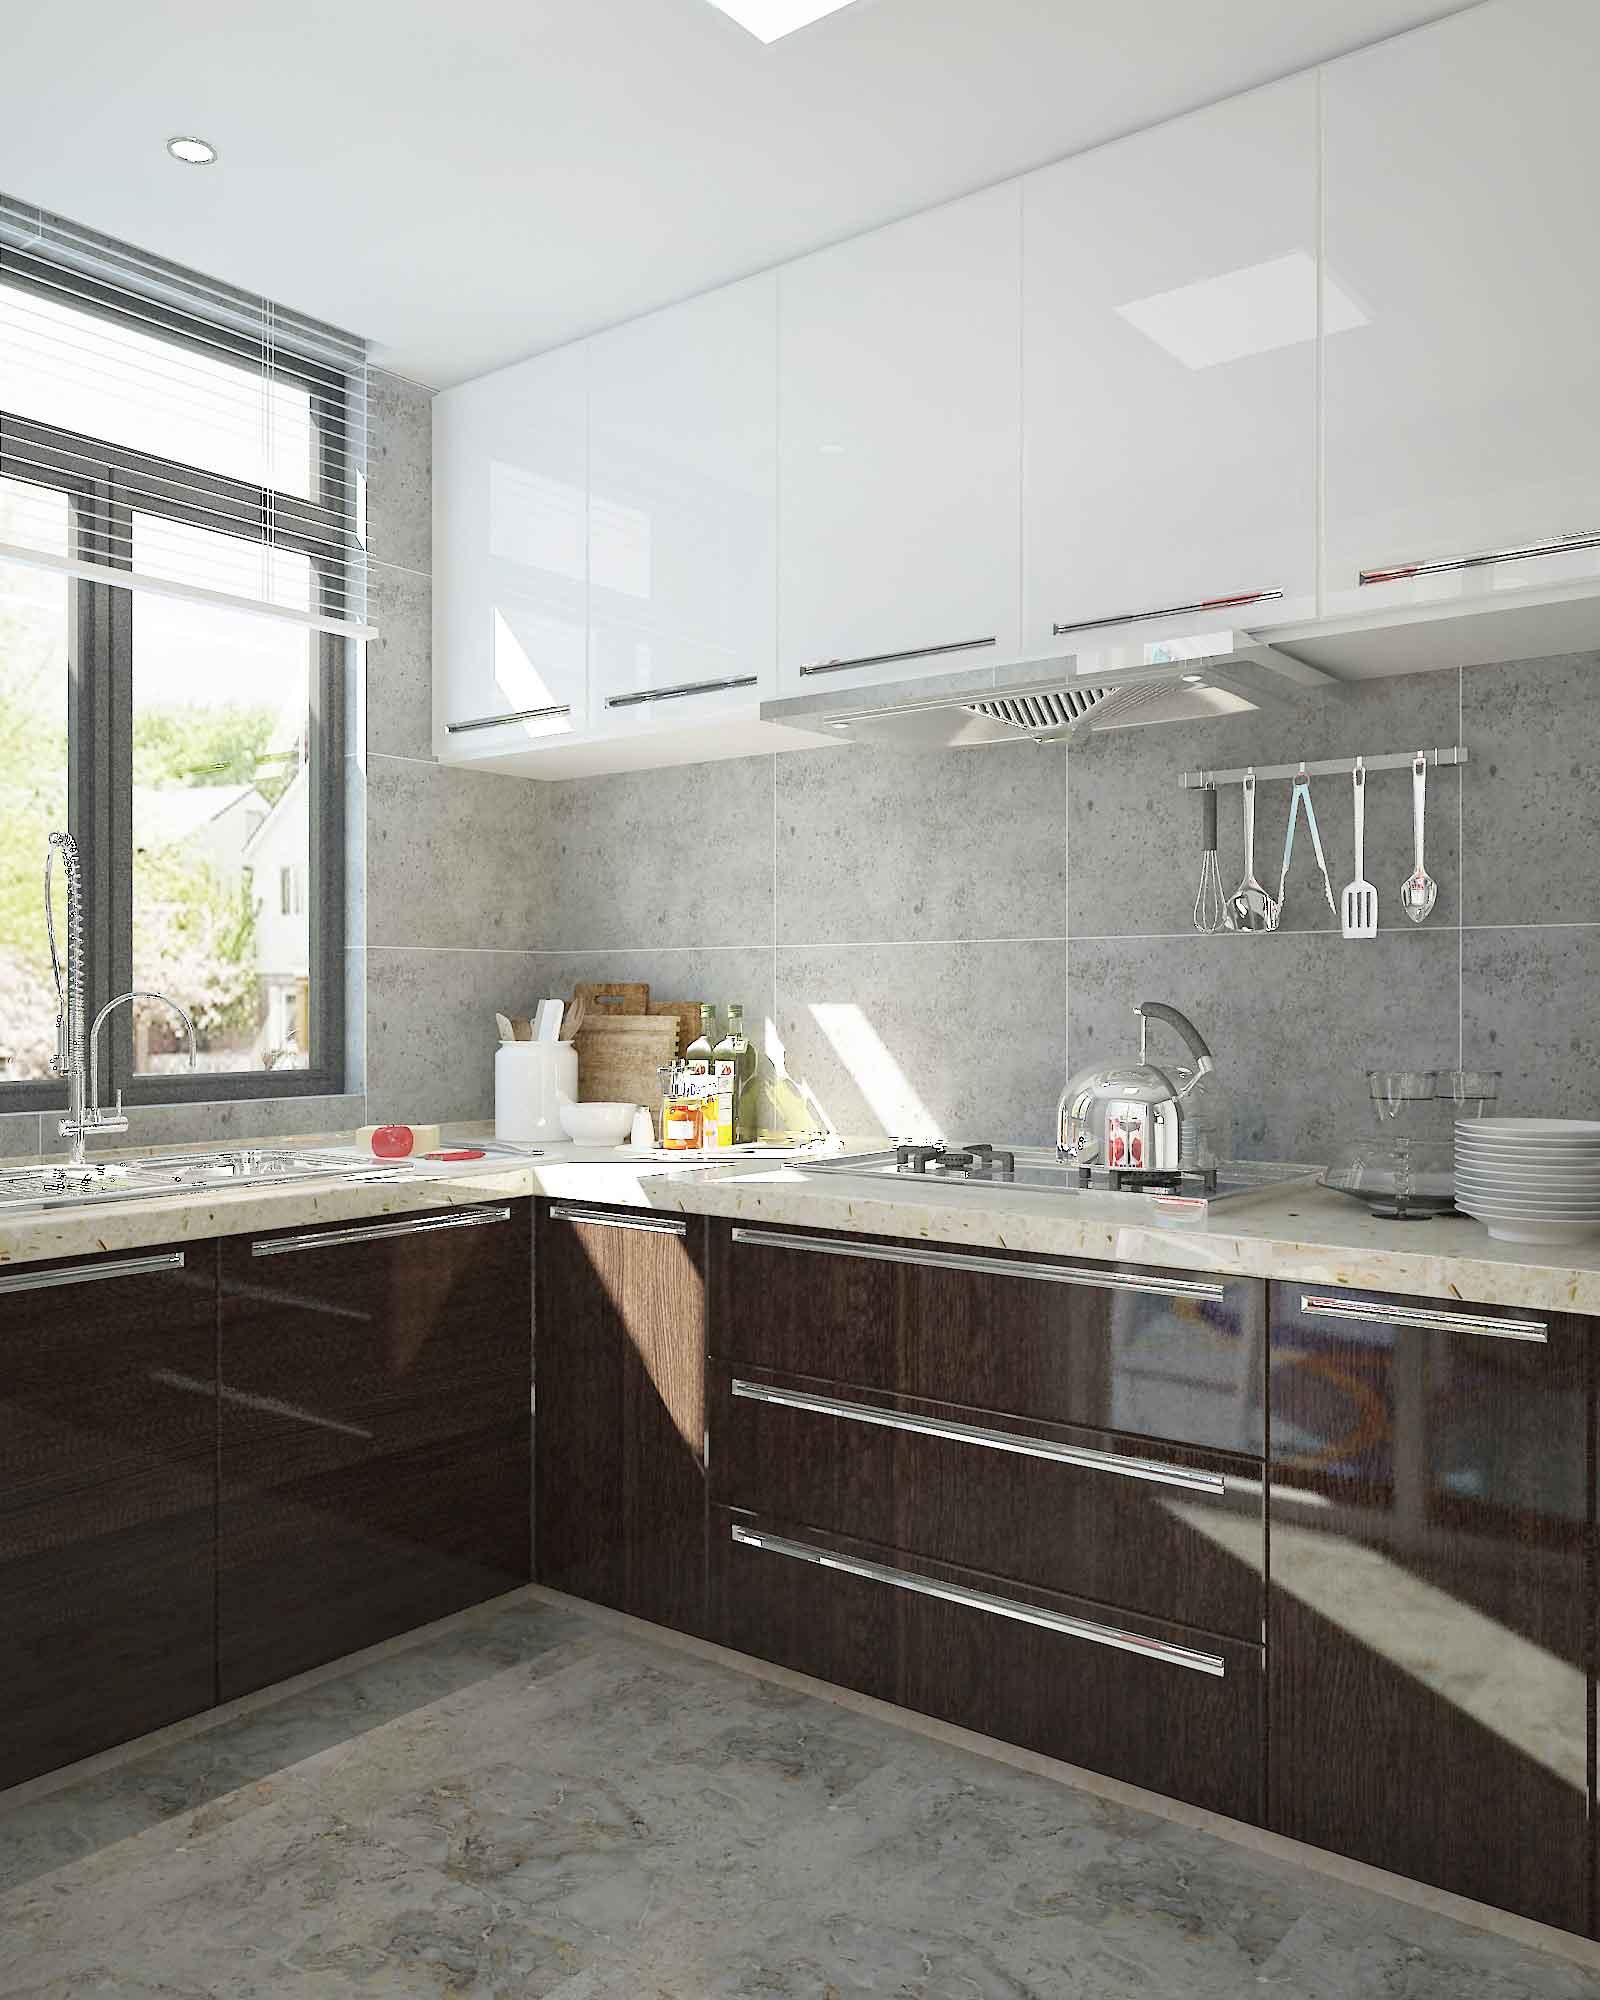 80后 温暖新家 一家三口 现代 厨房图片来自北京今朝装饰老房新房装修